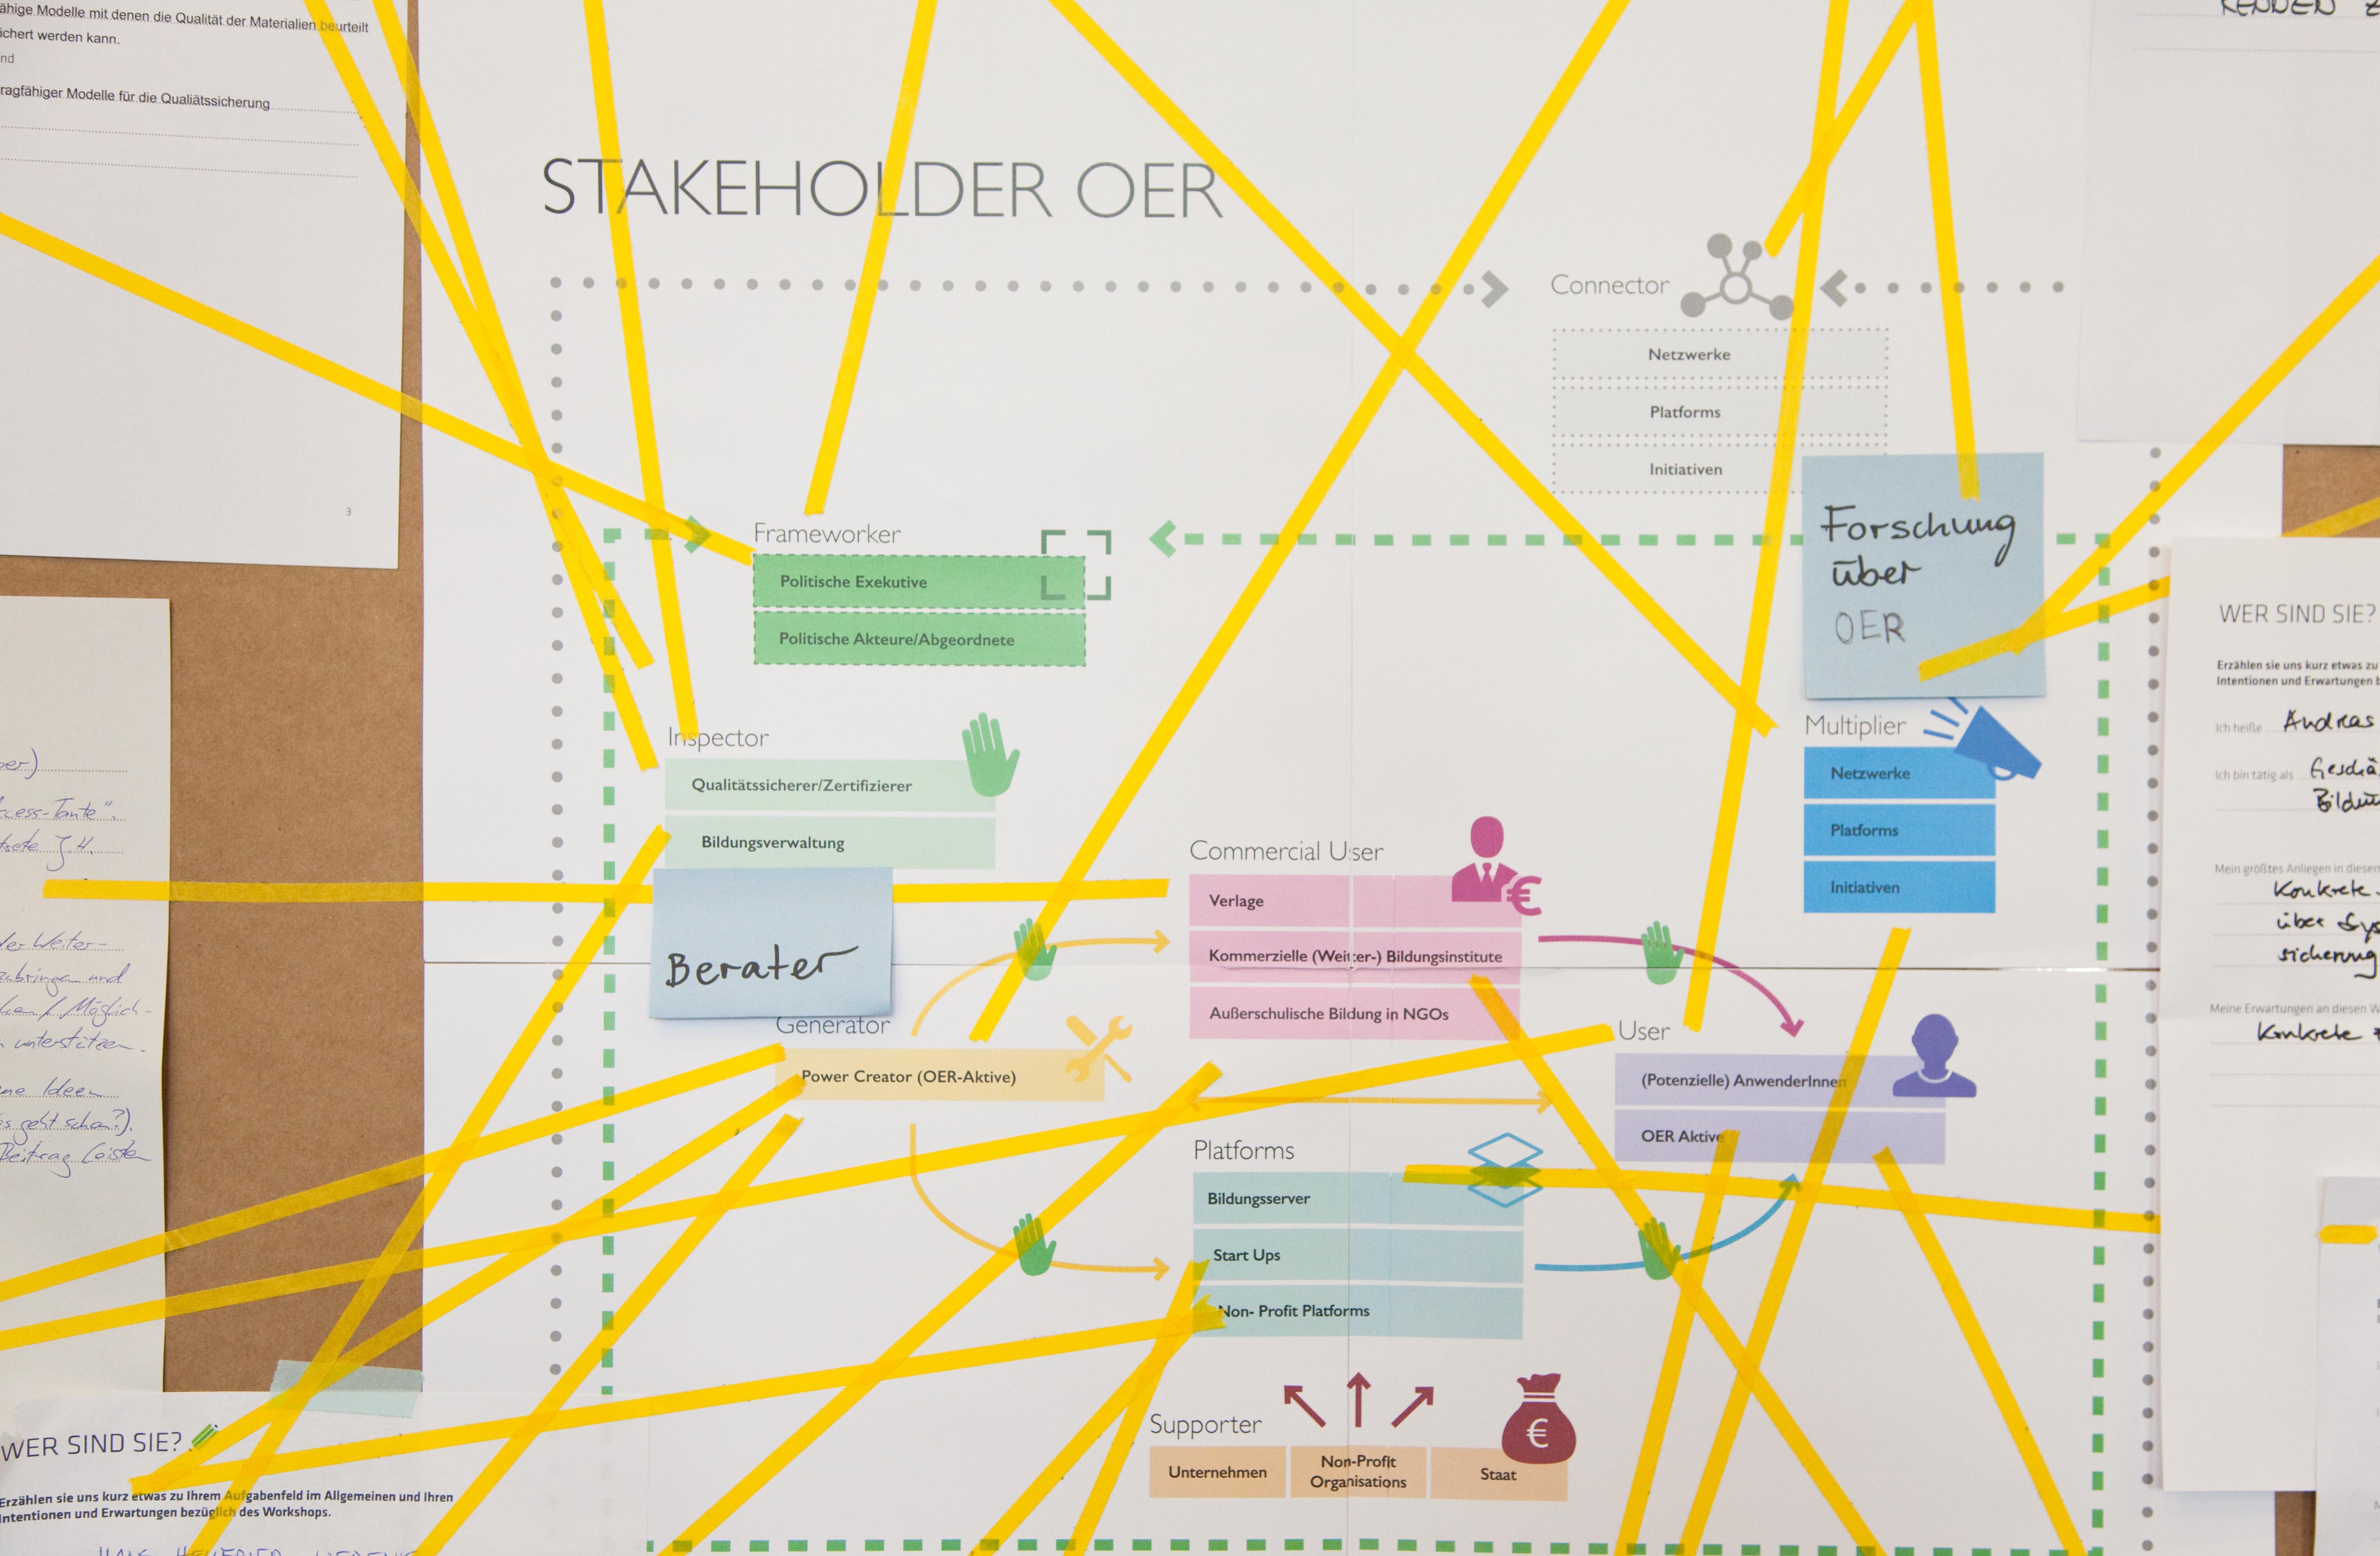 Stakeholdermap Mapping OER